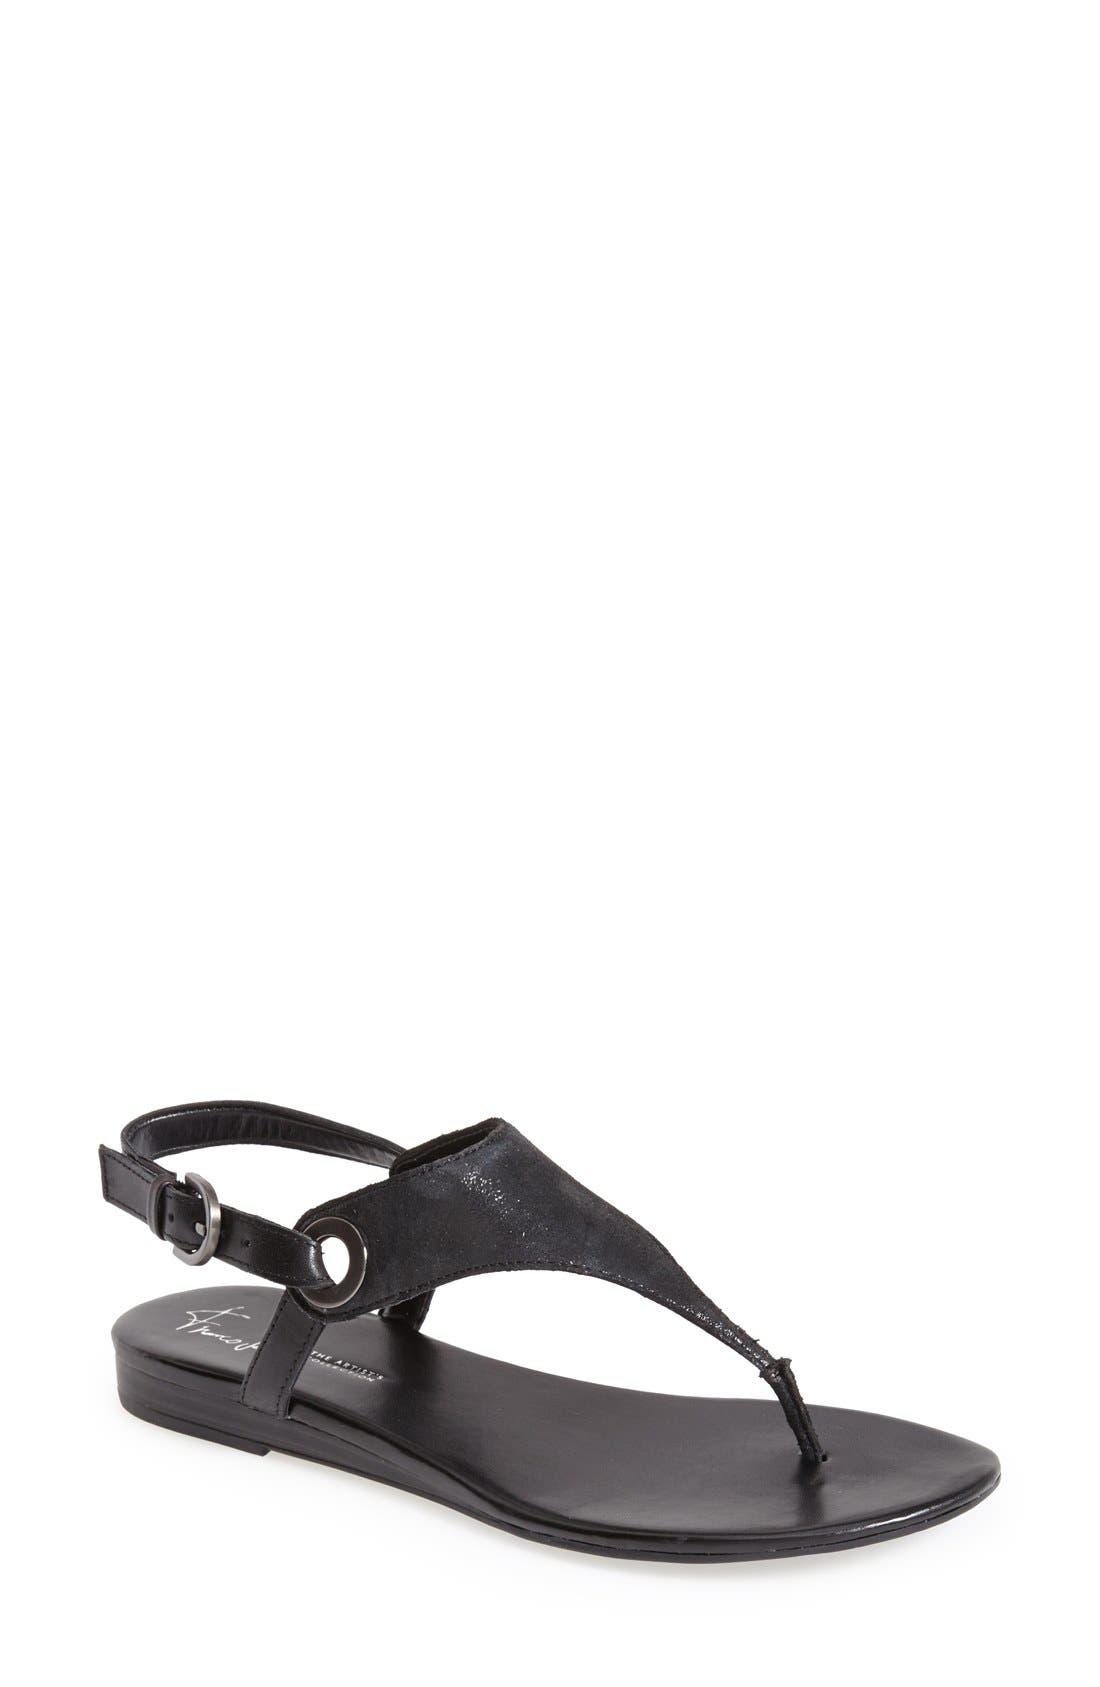 'Grip' Sandal,                         Main,                         color, 001